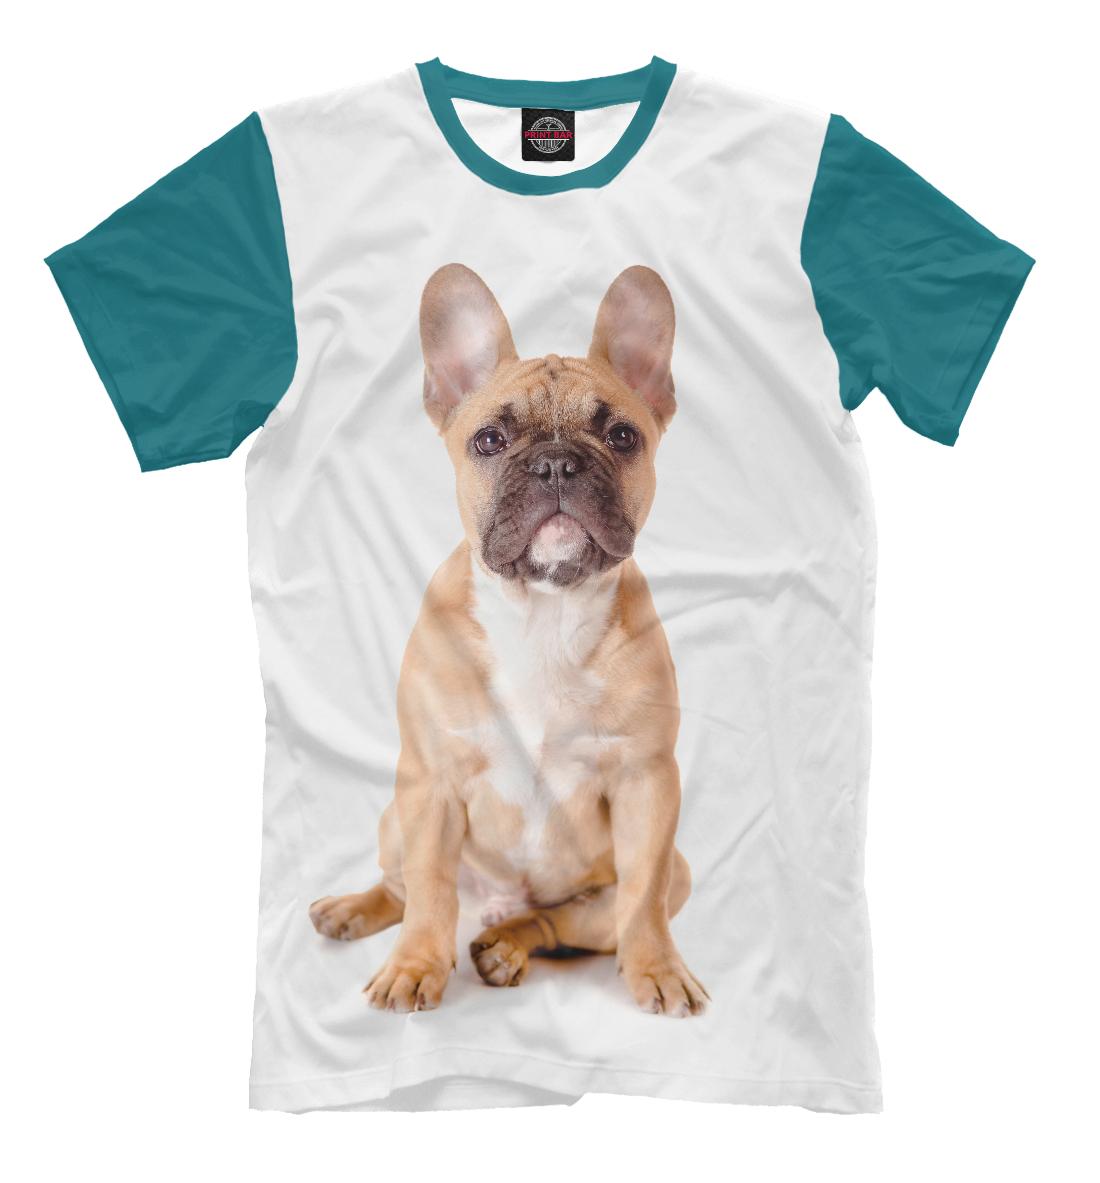 Купить Бульдог, Printbar, Футболки, DOG-596235-fut-2